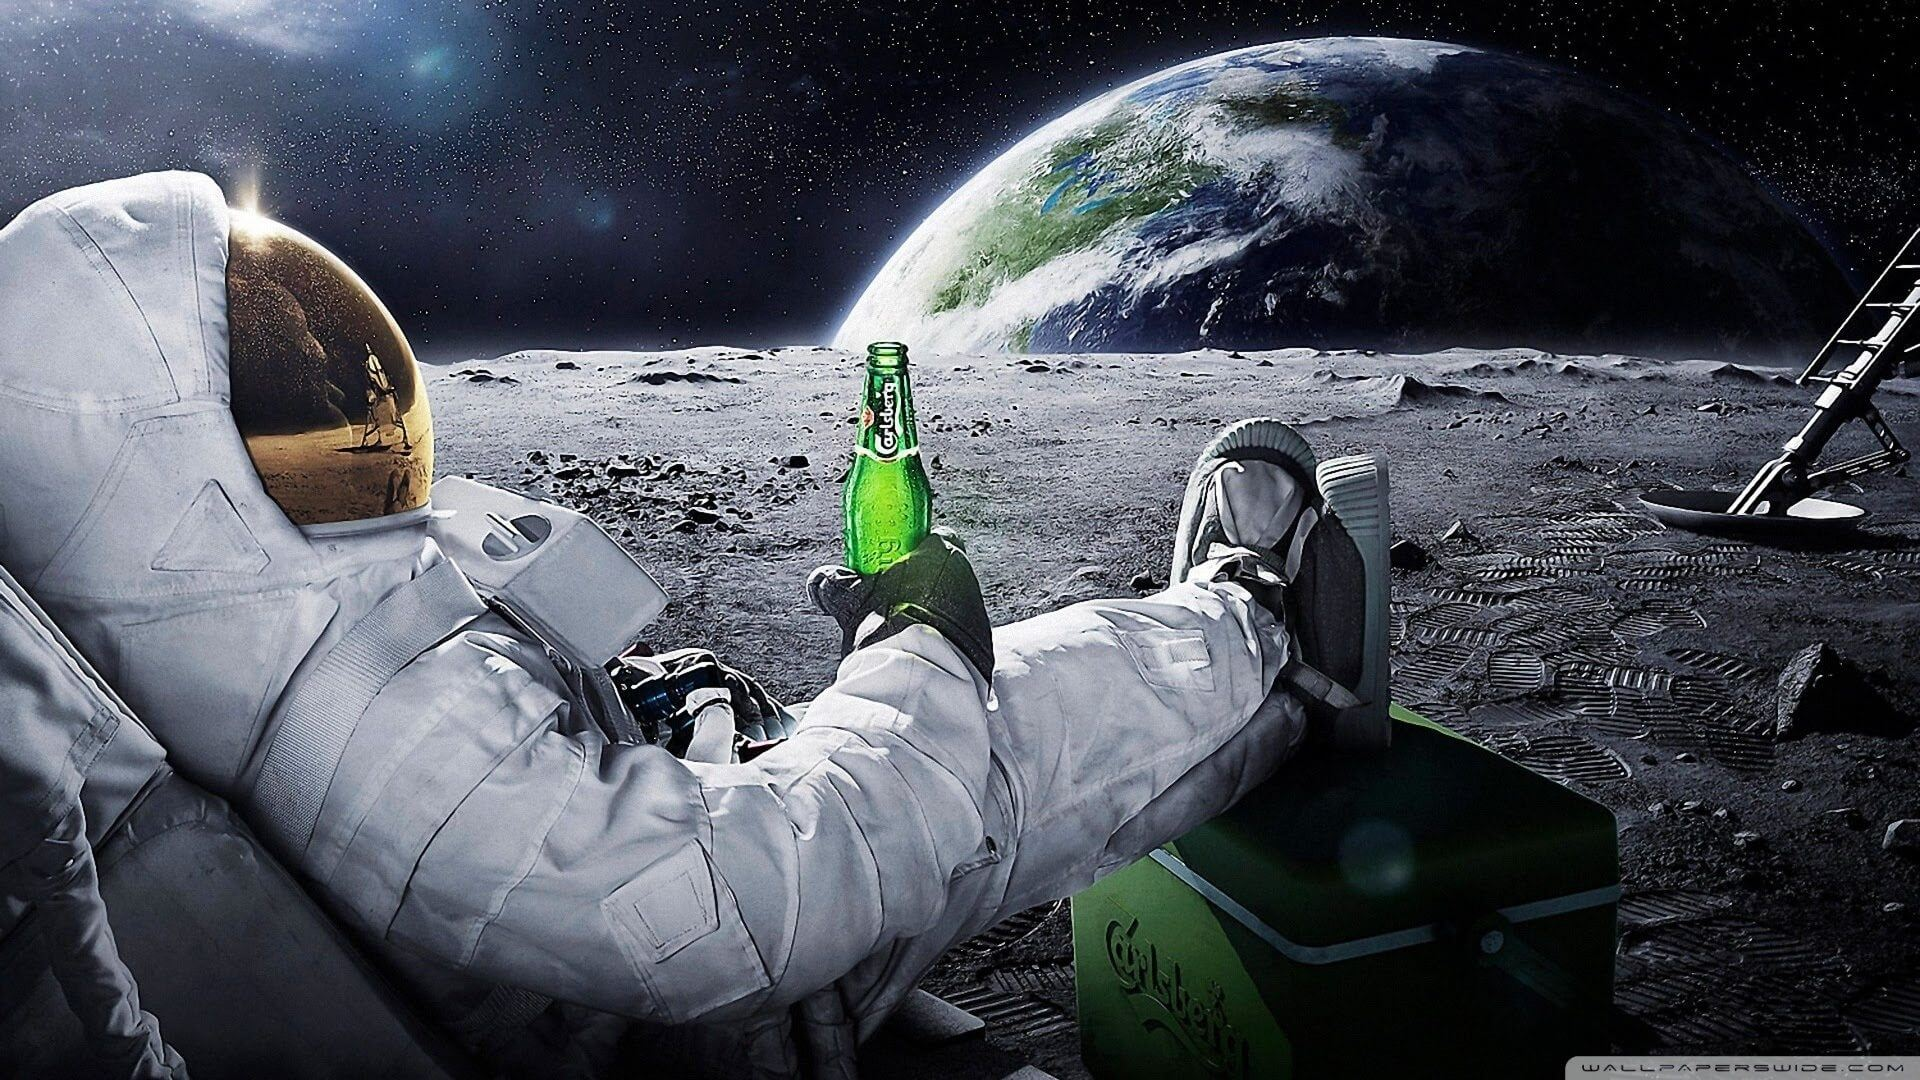 maxresdefault 3 - O futuro chegou! Pessoas comuns poderão visitar a Lua ainda em 2018